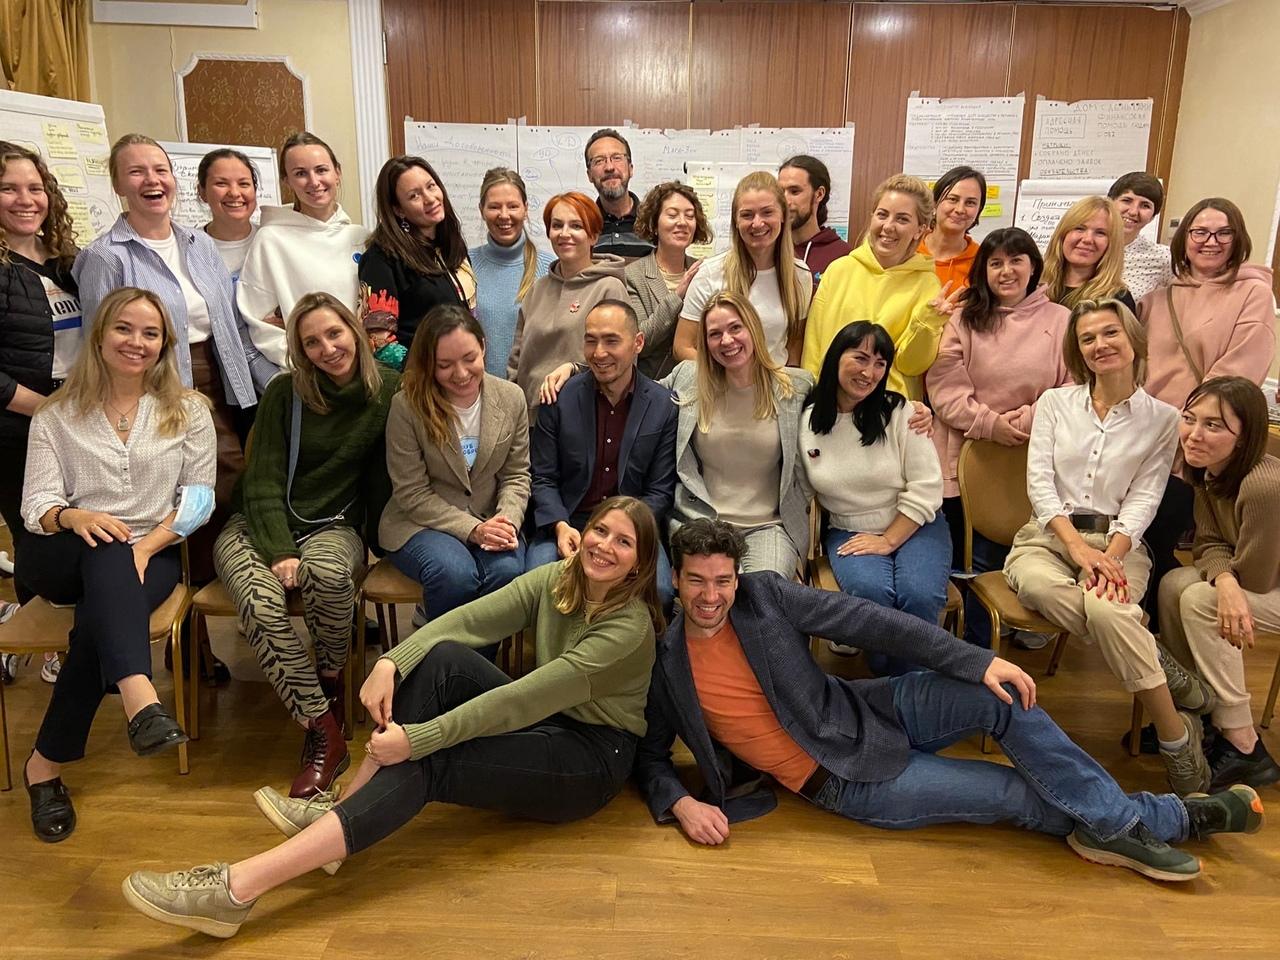 В Санкт-Петербурге прошла стратегическая сессия сотрудников Клуба добряков